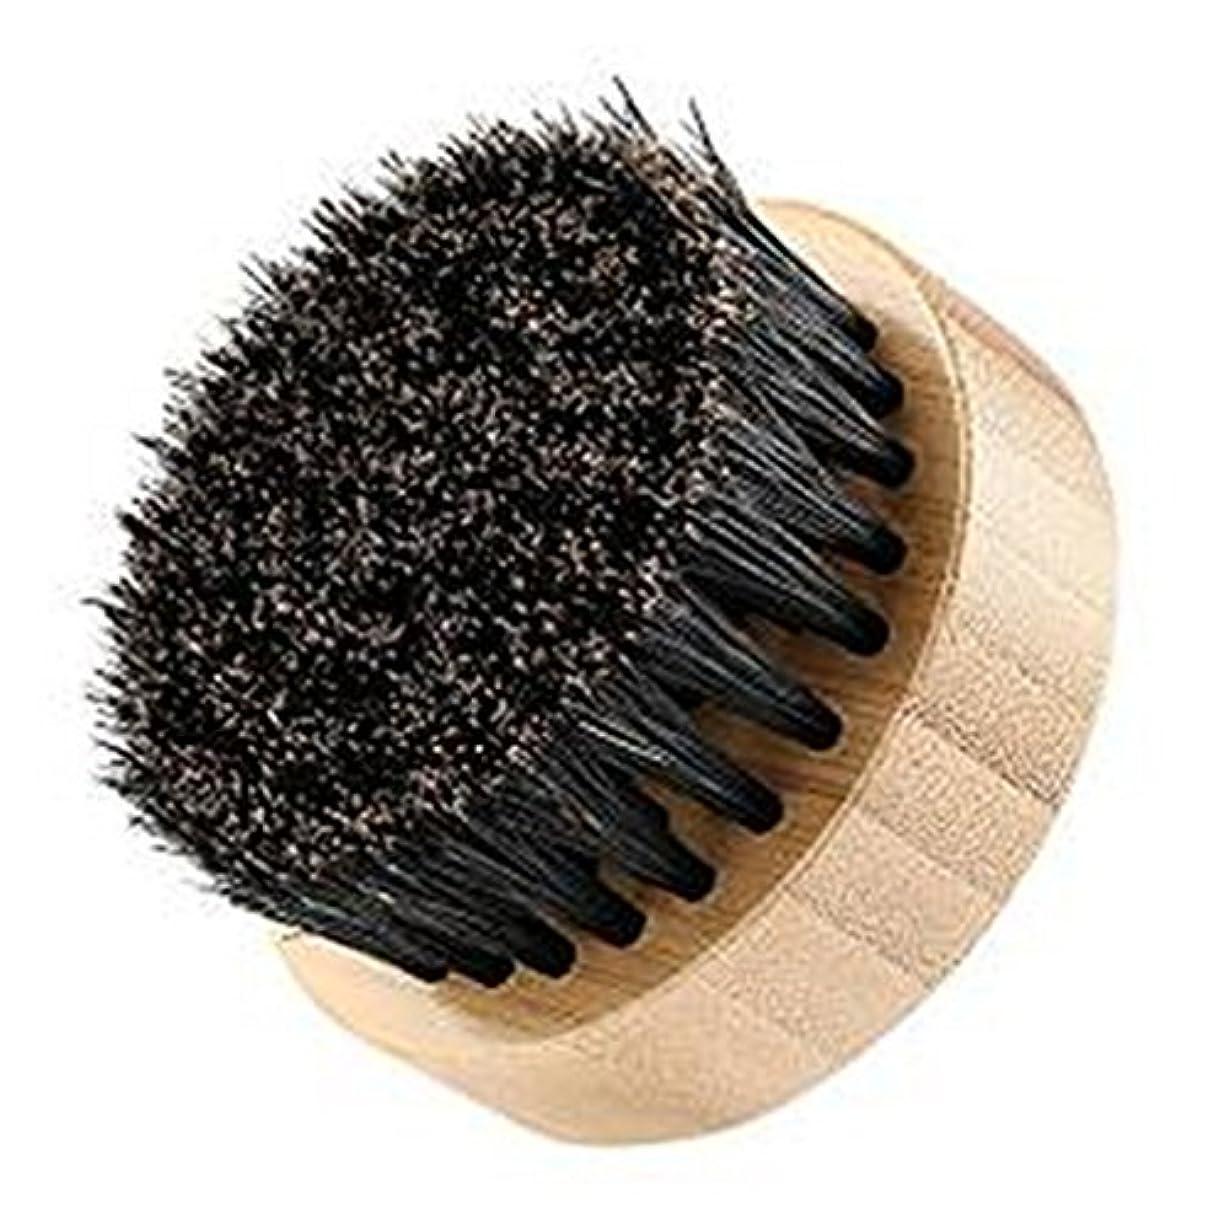 誕生エンディングライターLUXWELL(ラクスウェル) ブラシ 100% 豚毛ブラシ 天然木 髭ブラシ FH-130